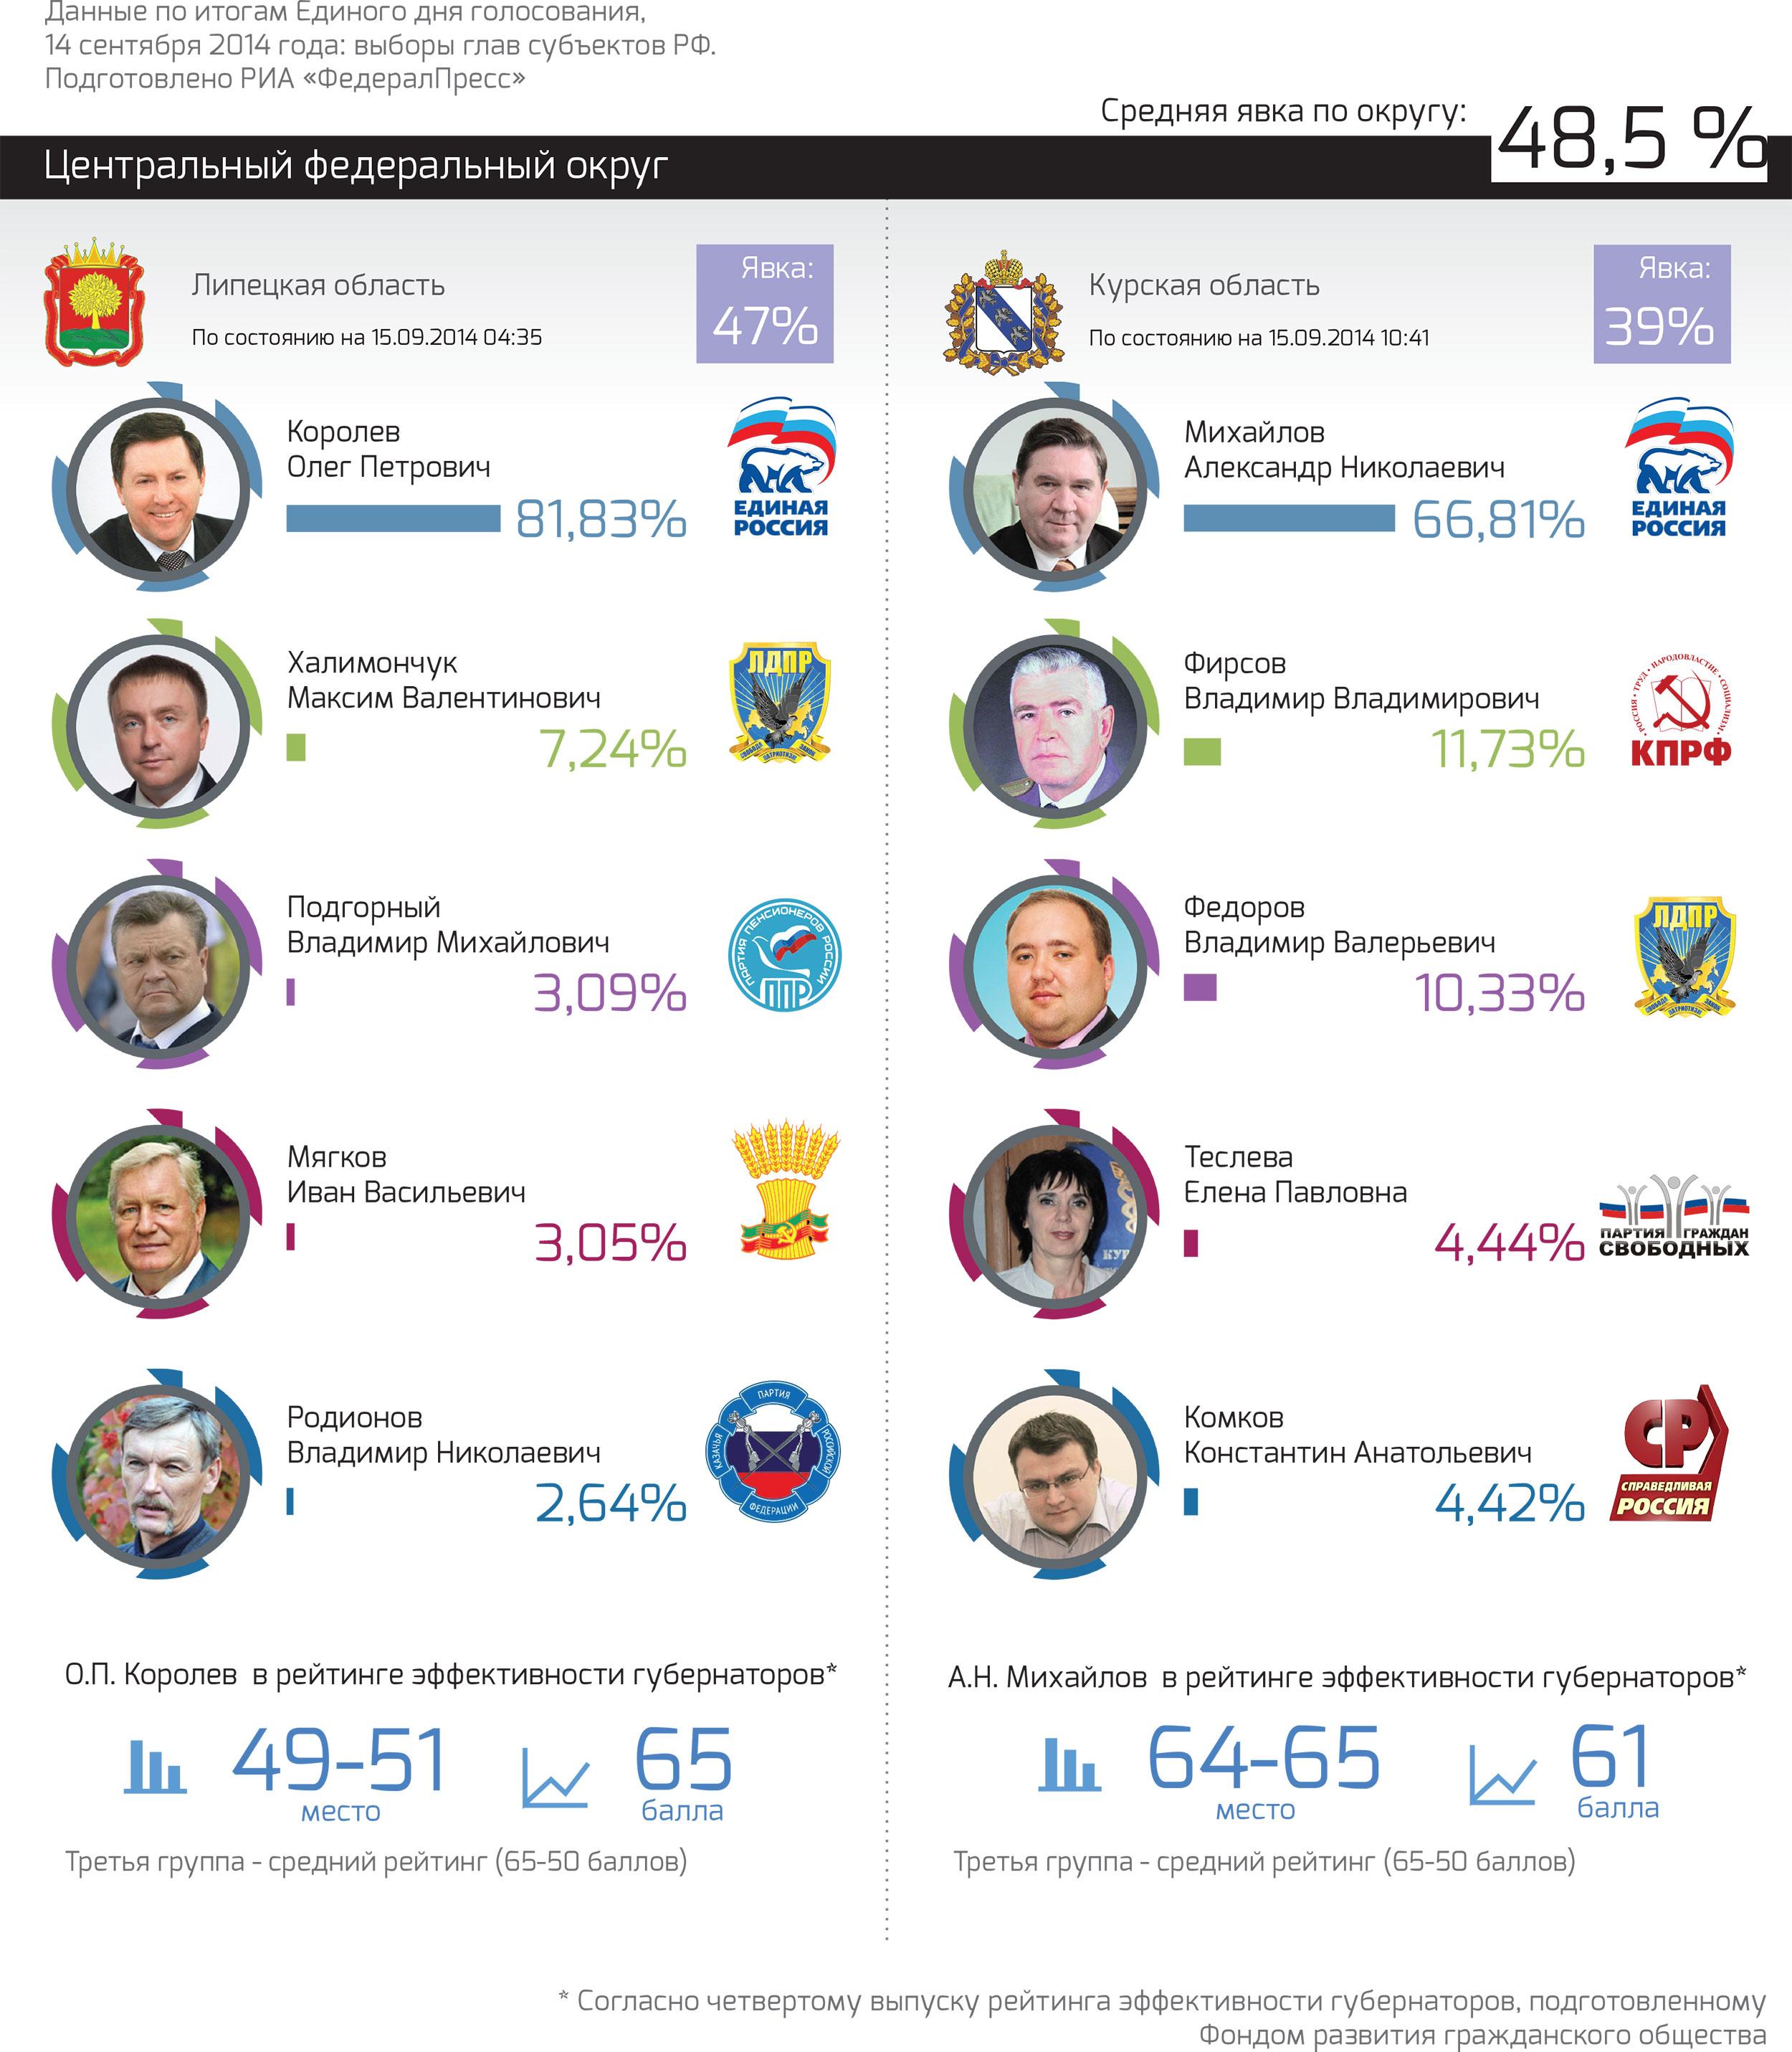 РезультатыВыборов_ЦФО_2